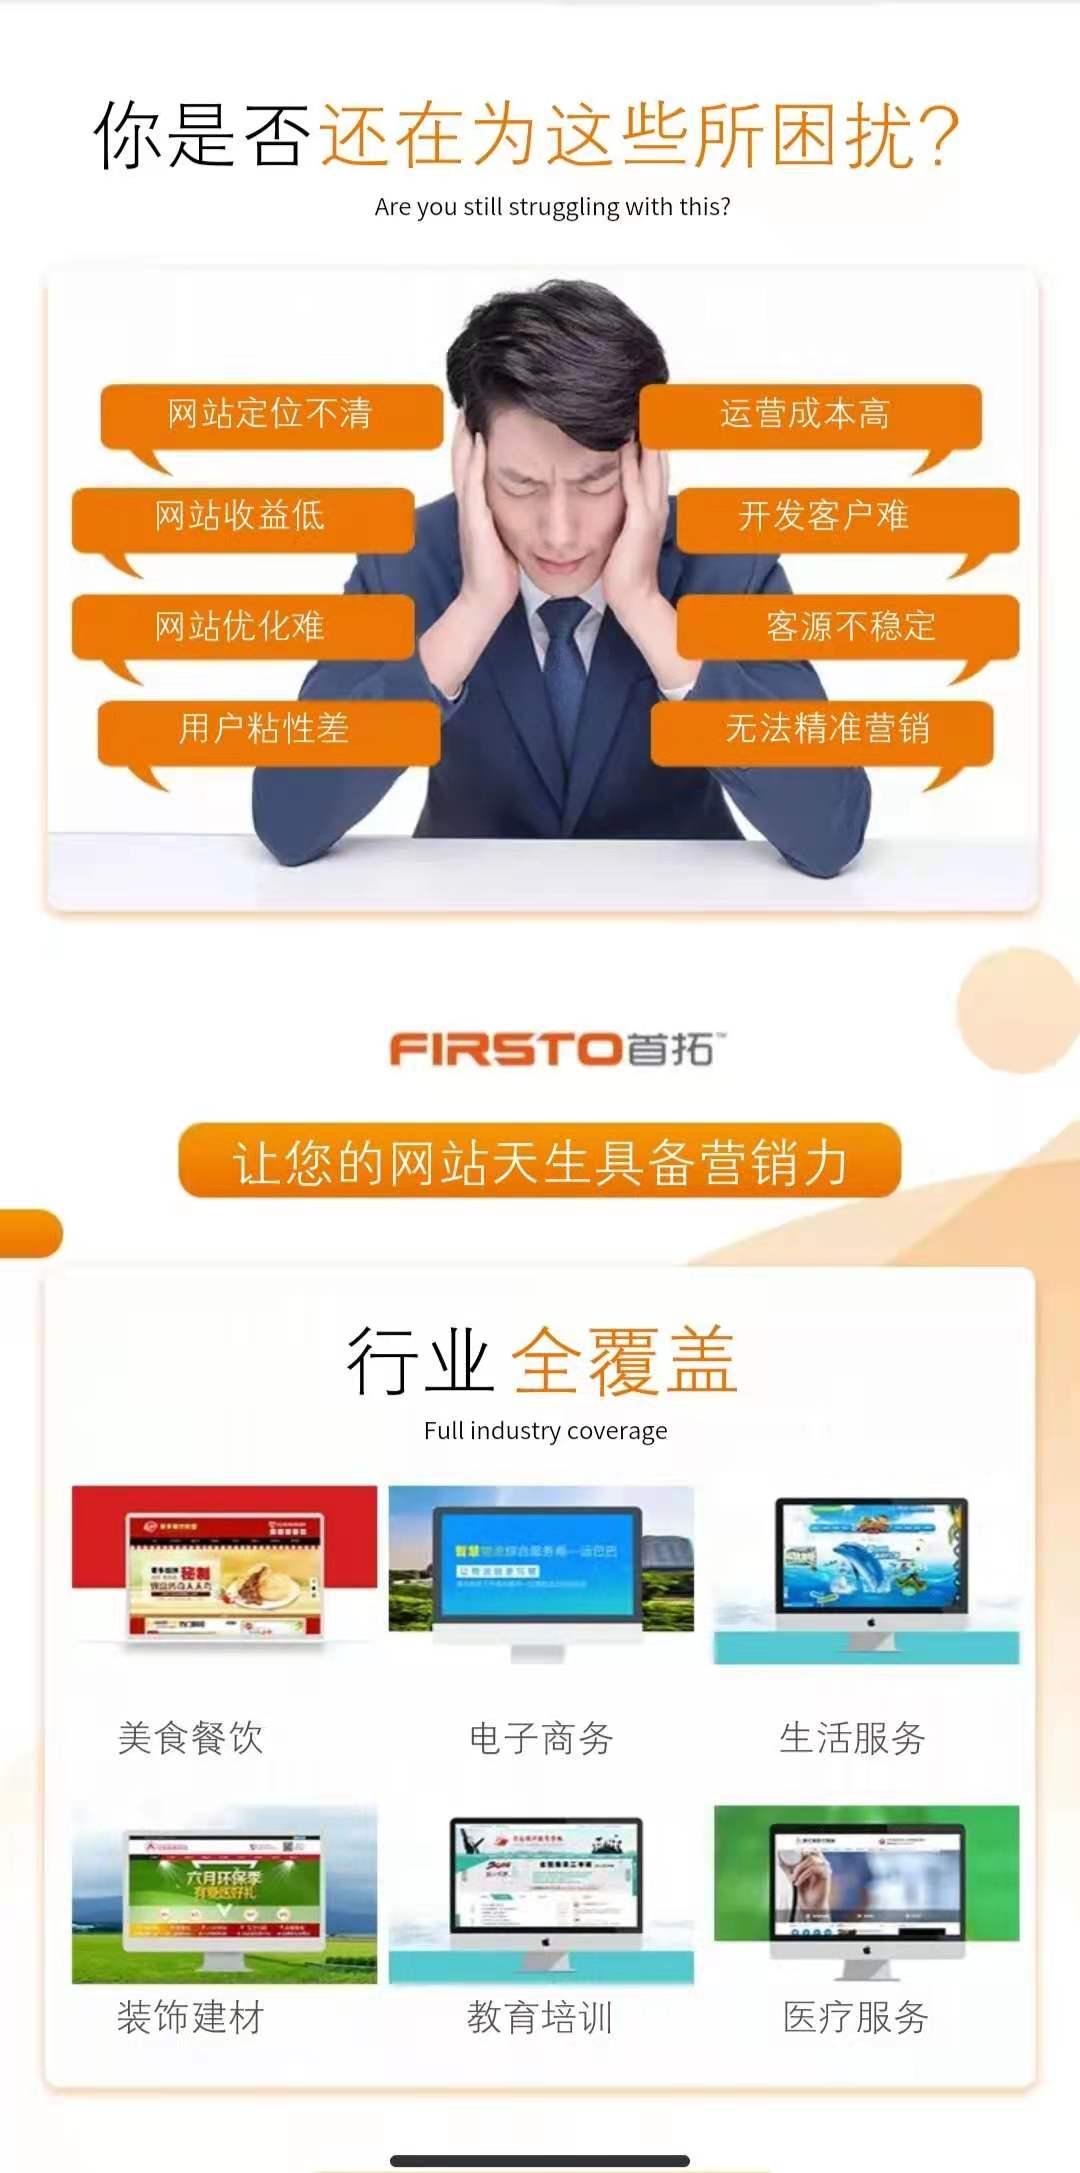 深圳电子商务网络营销渠道多